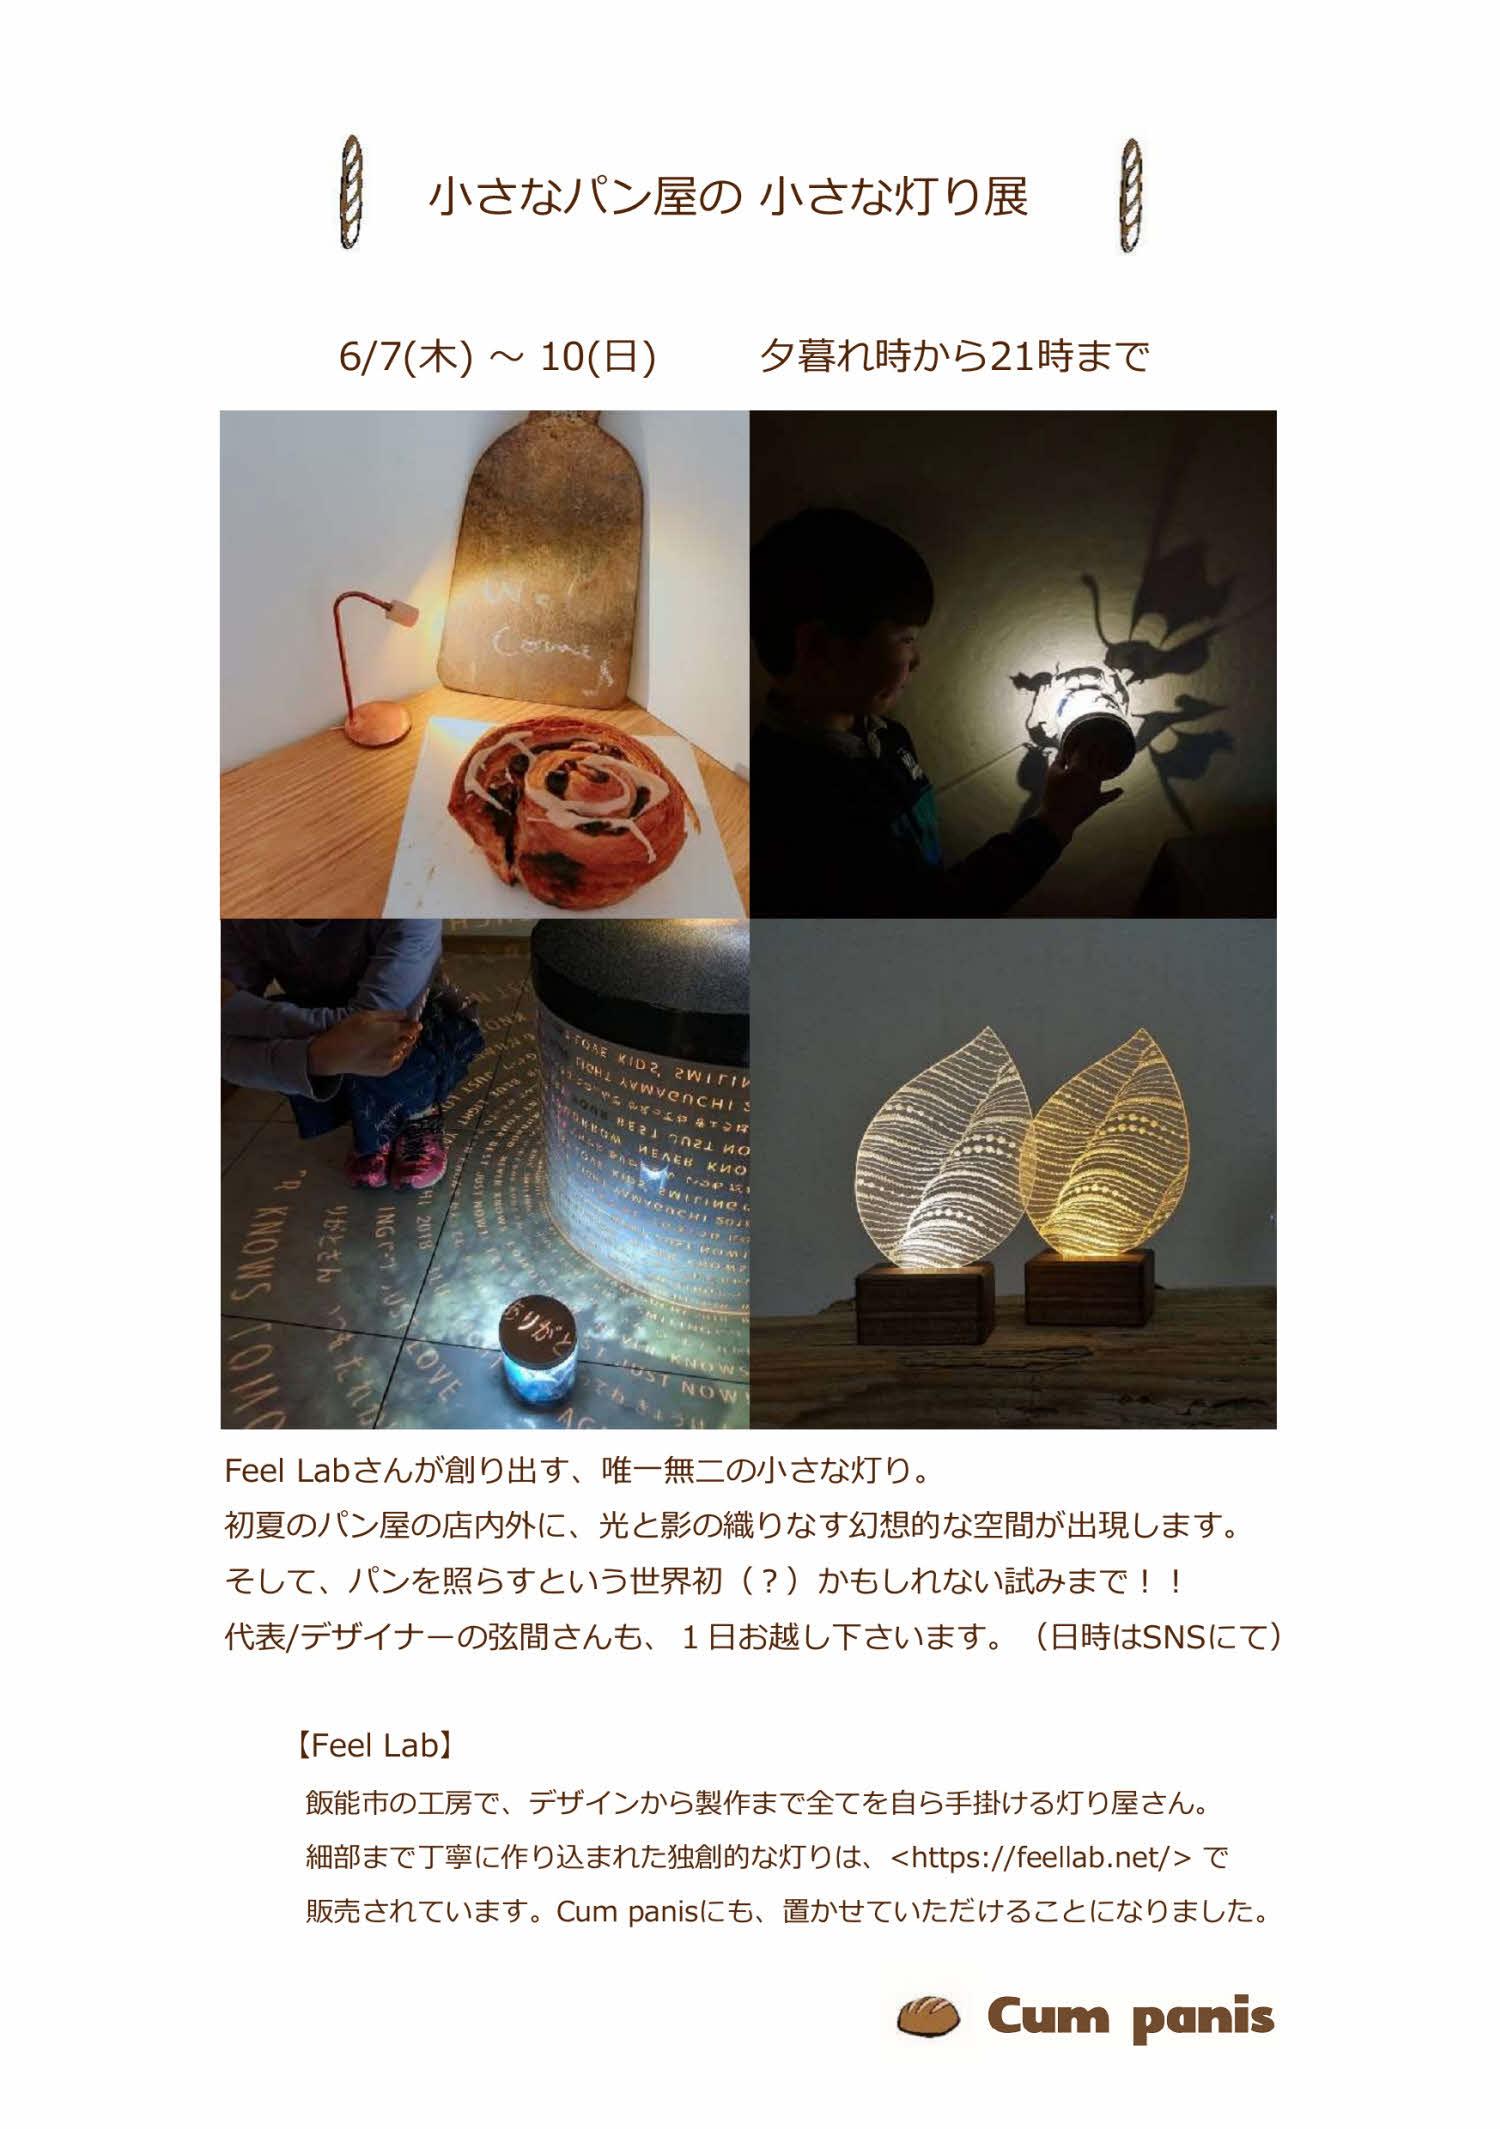 6/7(木)~10(日) 【小さなパン屋の 小さな灯り展】 at  Cum panis